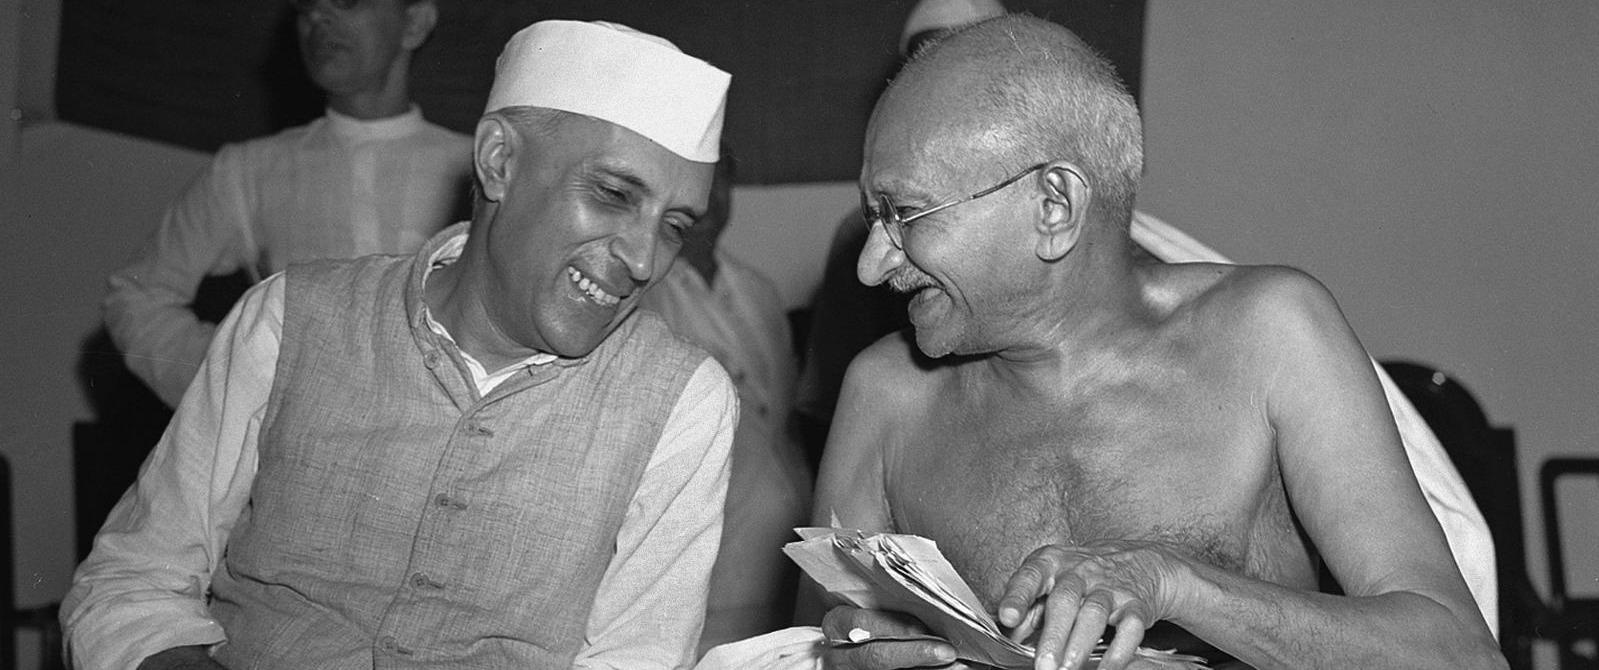 Jawaharlal Nehru and how he met Gandhiji